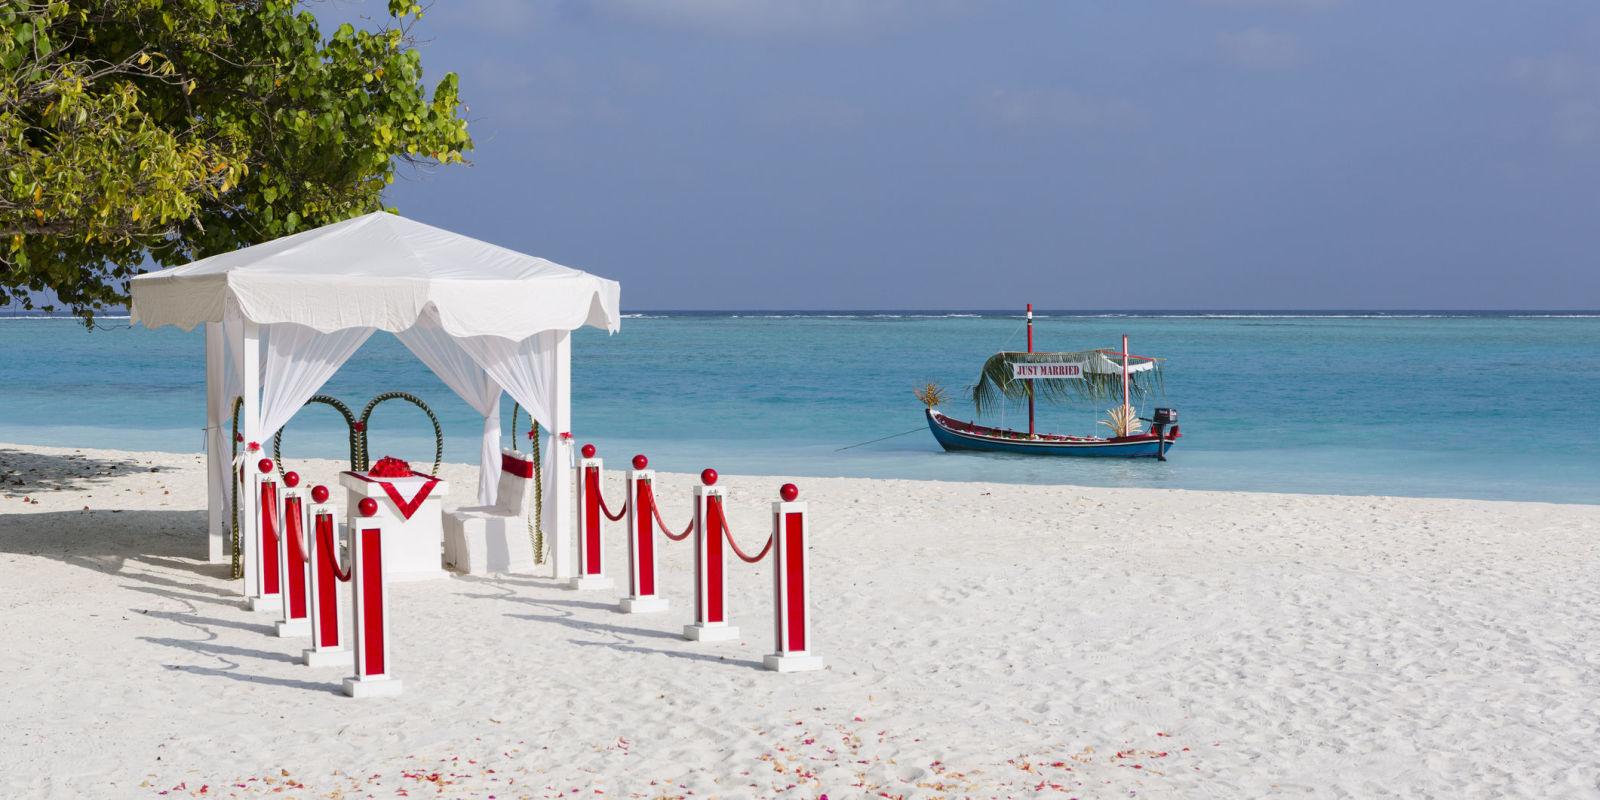 Matrimonio Spiaggia Puglia : Matrimonio in spiaggia idee per organizzare un evento